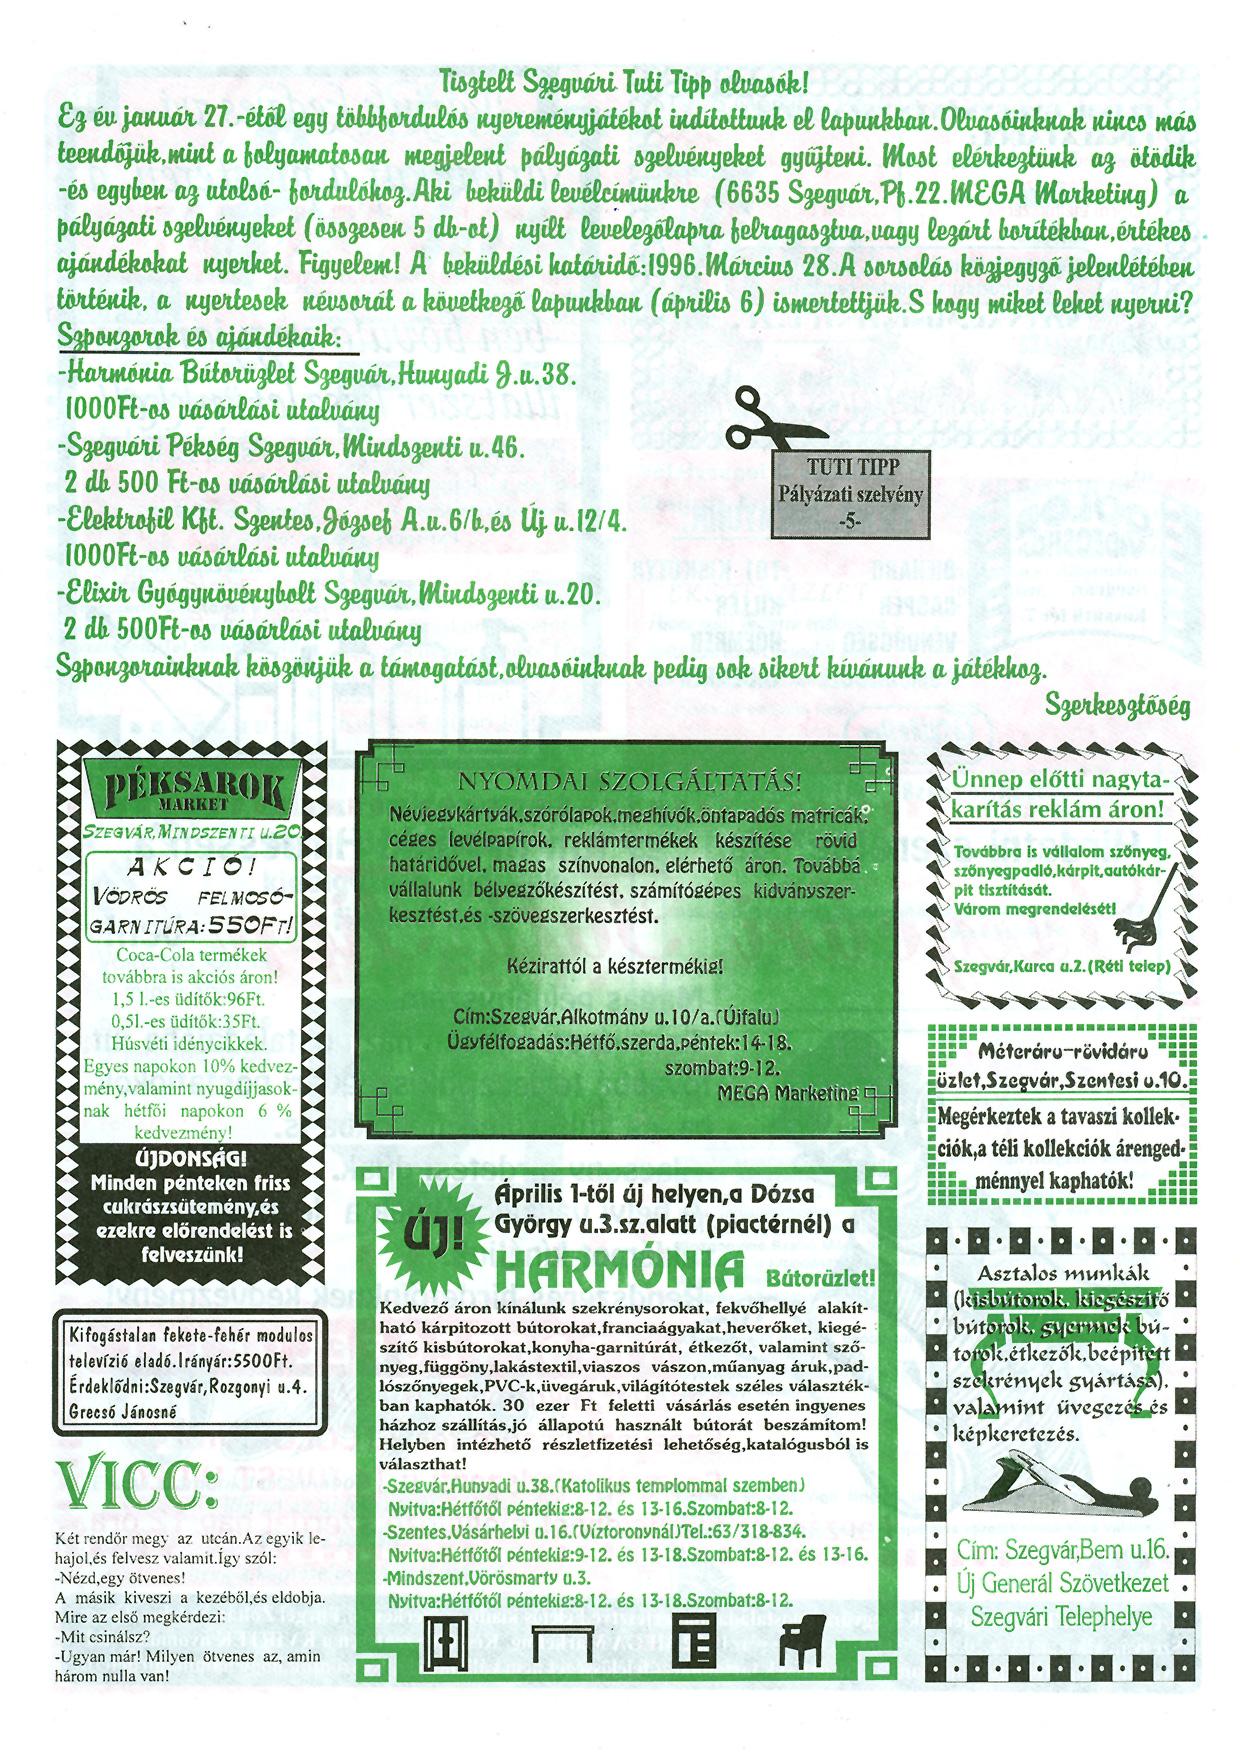 013 Szegvári Tuti Tipp reklámújság - 19960323-018. lapszám - 3.oldal - II. évfolyam.jpg